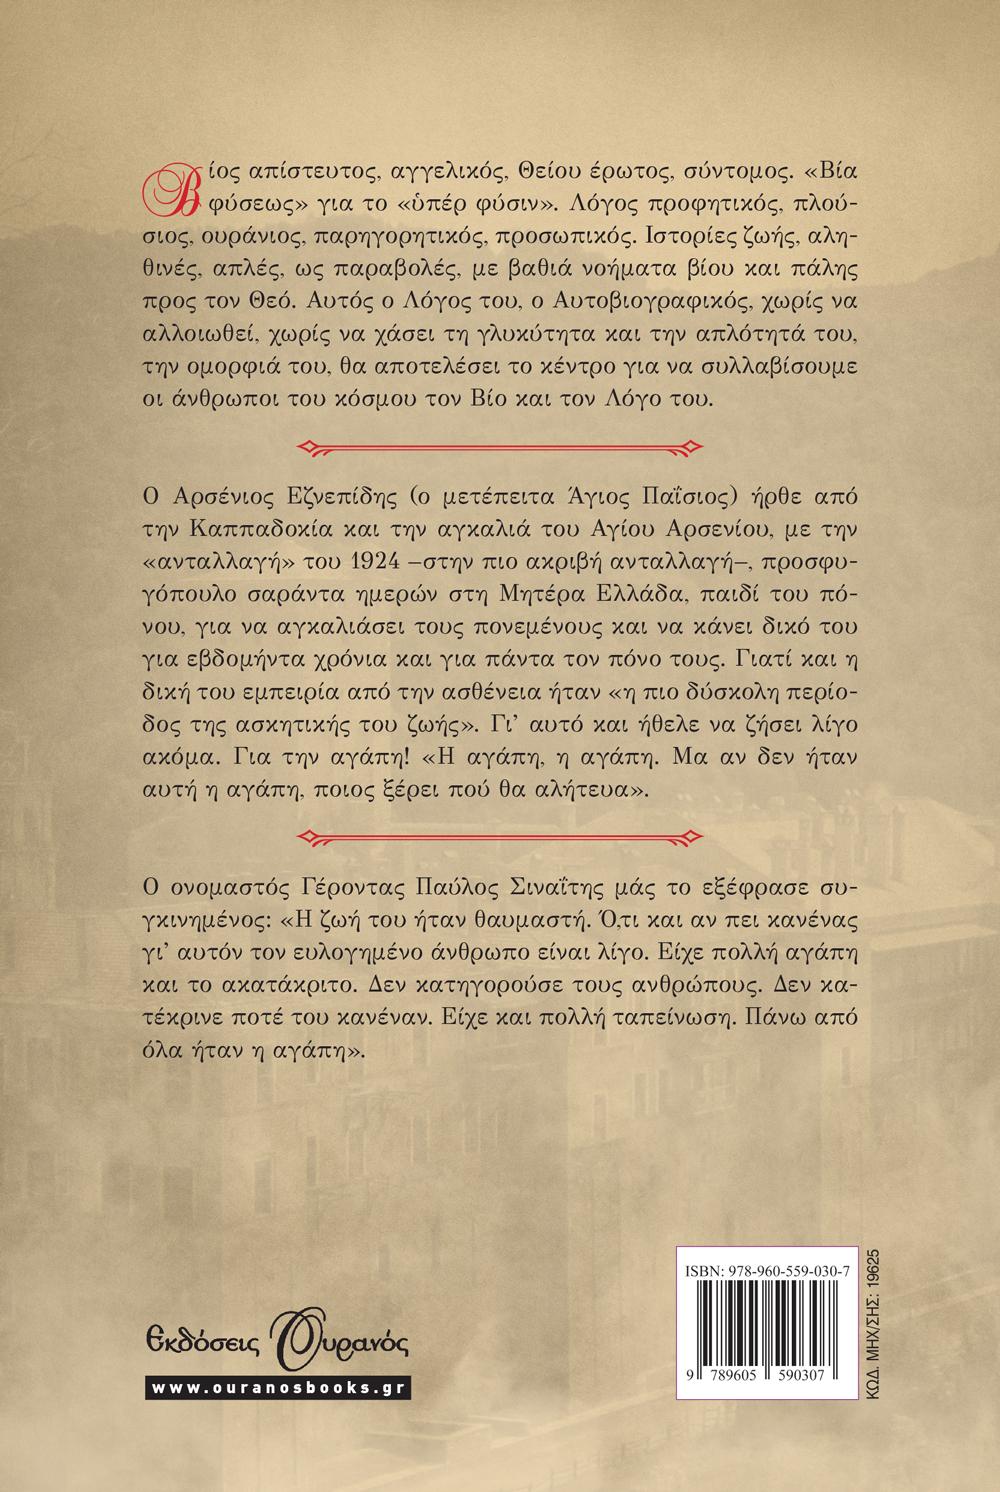 ΑΓΙΟΣ ΠΑΪΣΙΟΣ Ο ΑΓΙΟΡΕΙΤΗΣ. Η ΖΩΗ ΚΑΙ ΤΟ ΕΡΓΟ ΤΟΥ (ΟΥΡΑΝΟΣ) - ΓΕΩΡΓΙΟΣ Ν. ΦΟΥΚΑΔΑΚΗΣ